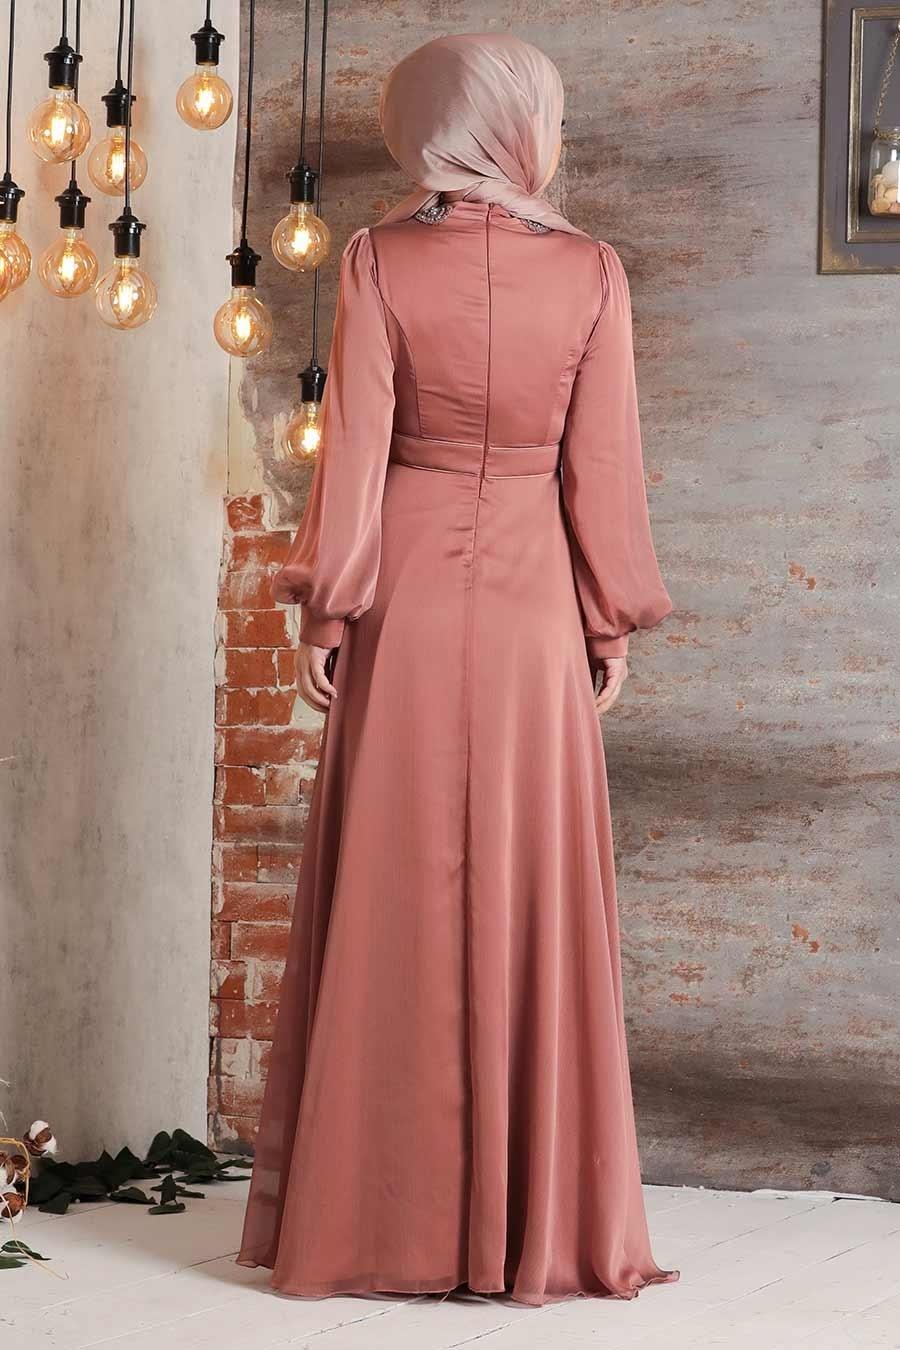 Tesettürlü Abiye Elbise - Balon Kol Bakır Tesettür Abiye Elbise 2155BKR